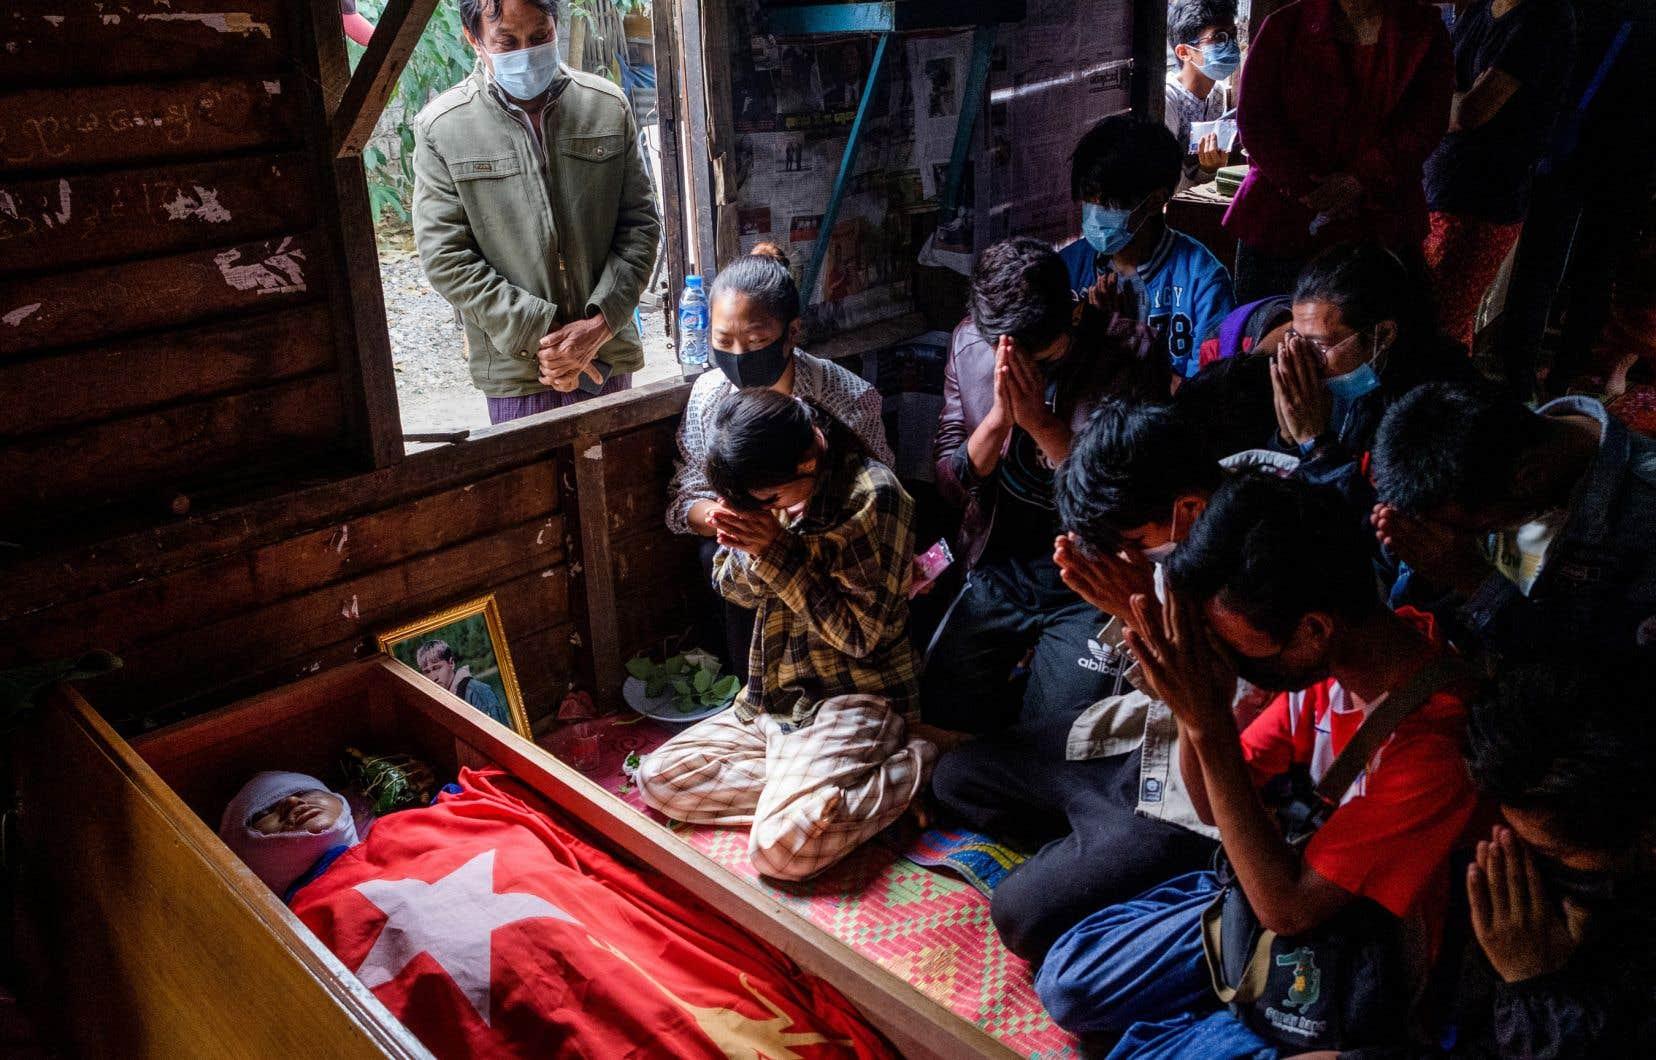 Des personnes prient lors des funérailles d'un manifestant, décédé durant la répression des forces de sécurité à Taunggyi, dans l'État de Shan au Myanmar, le 29 mars dernier.